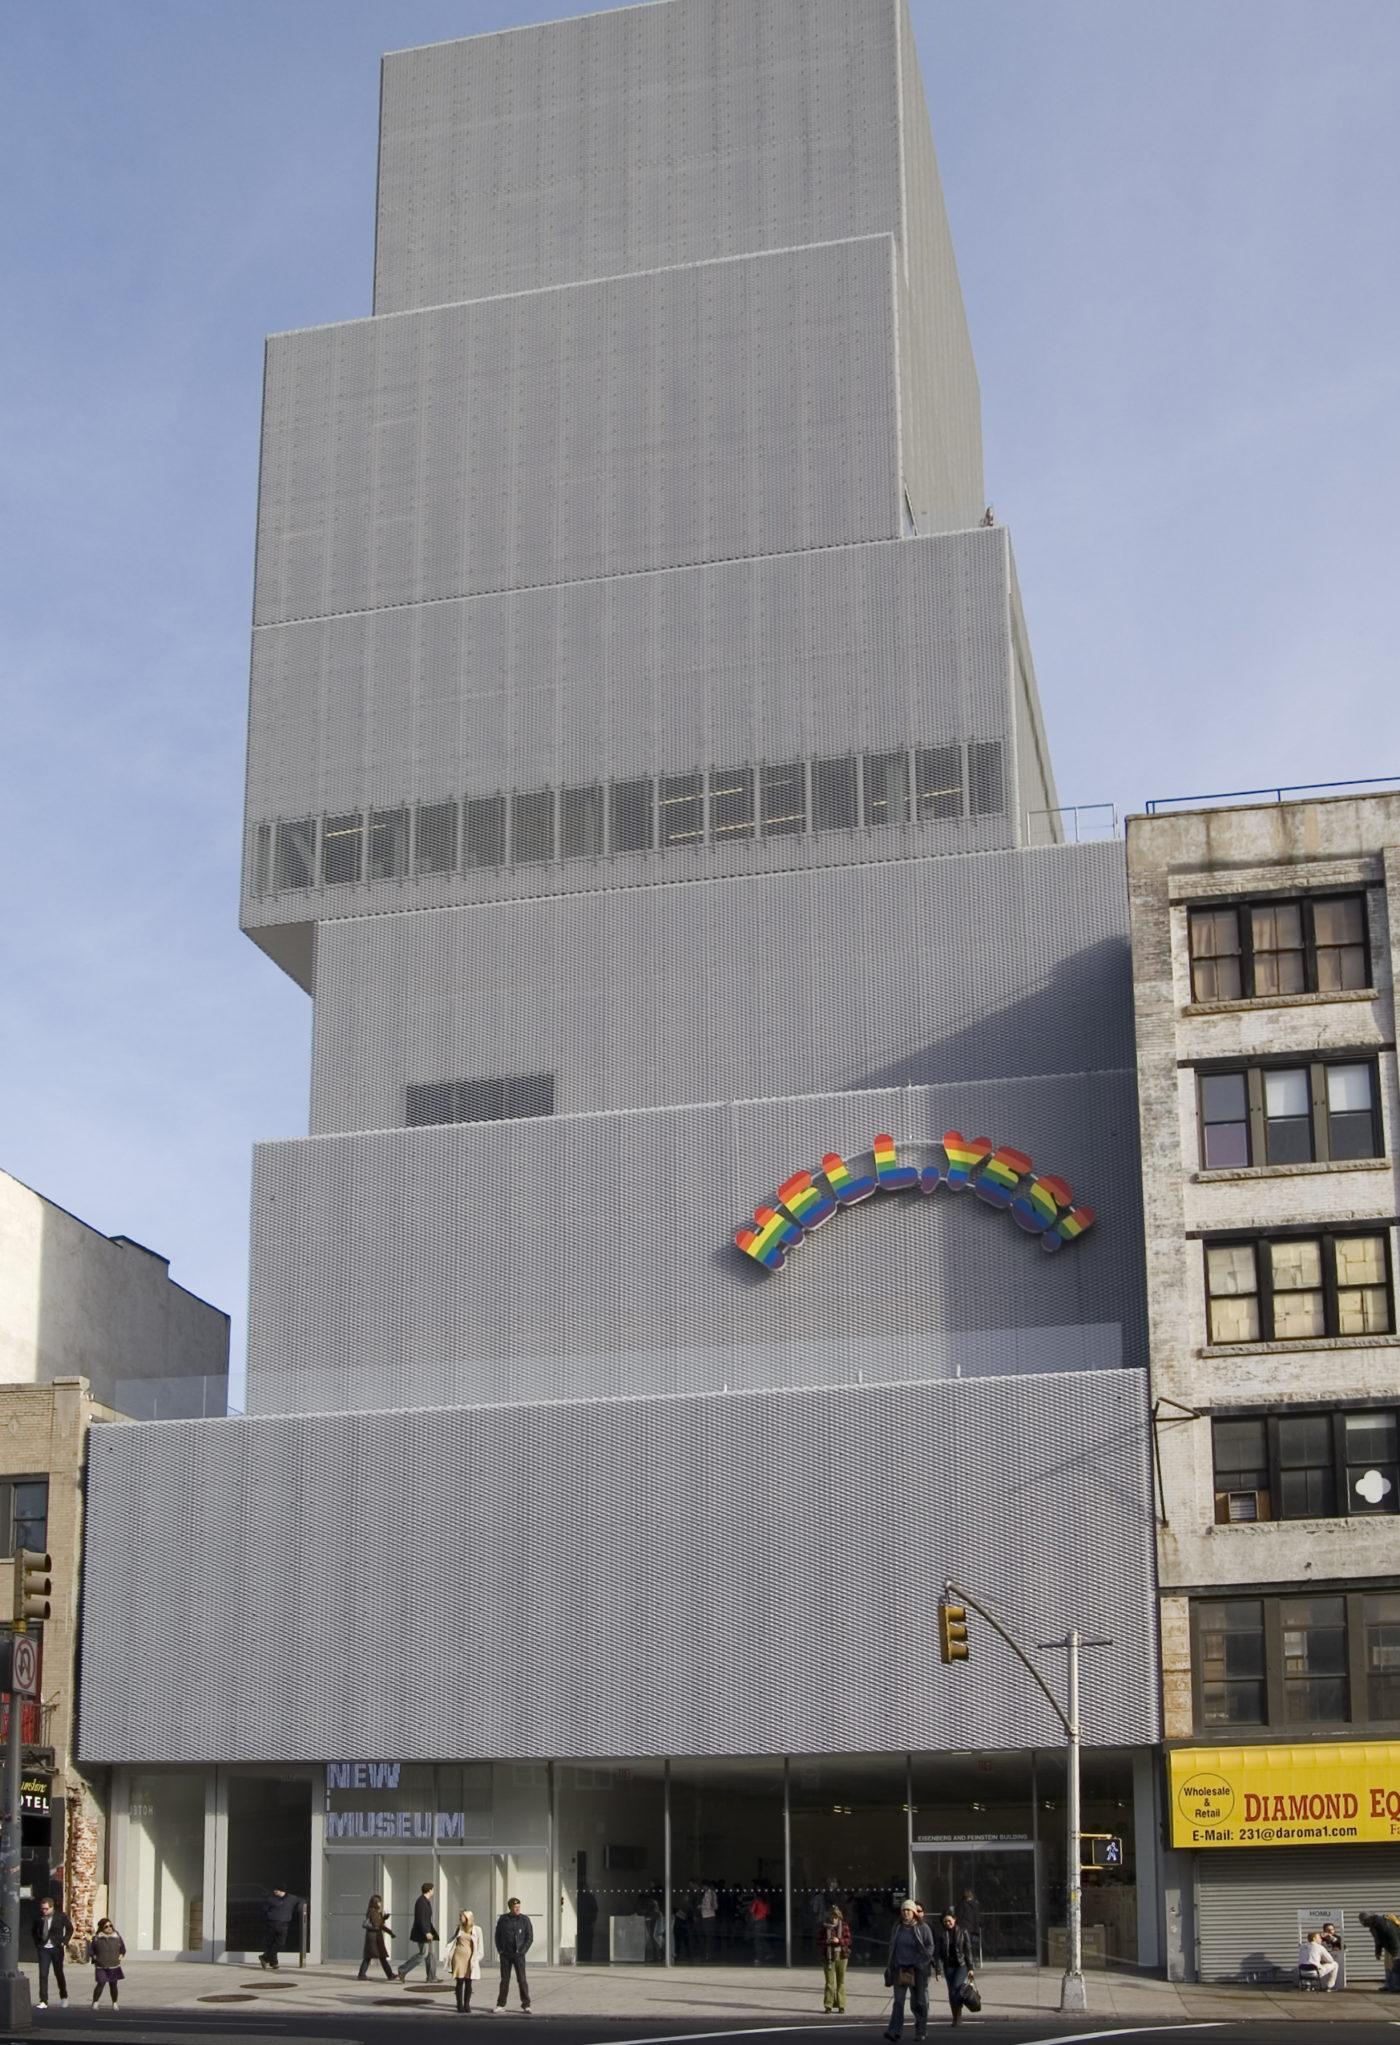 New_Museum,_New_York